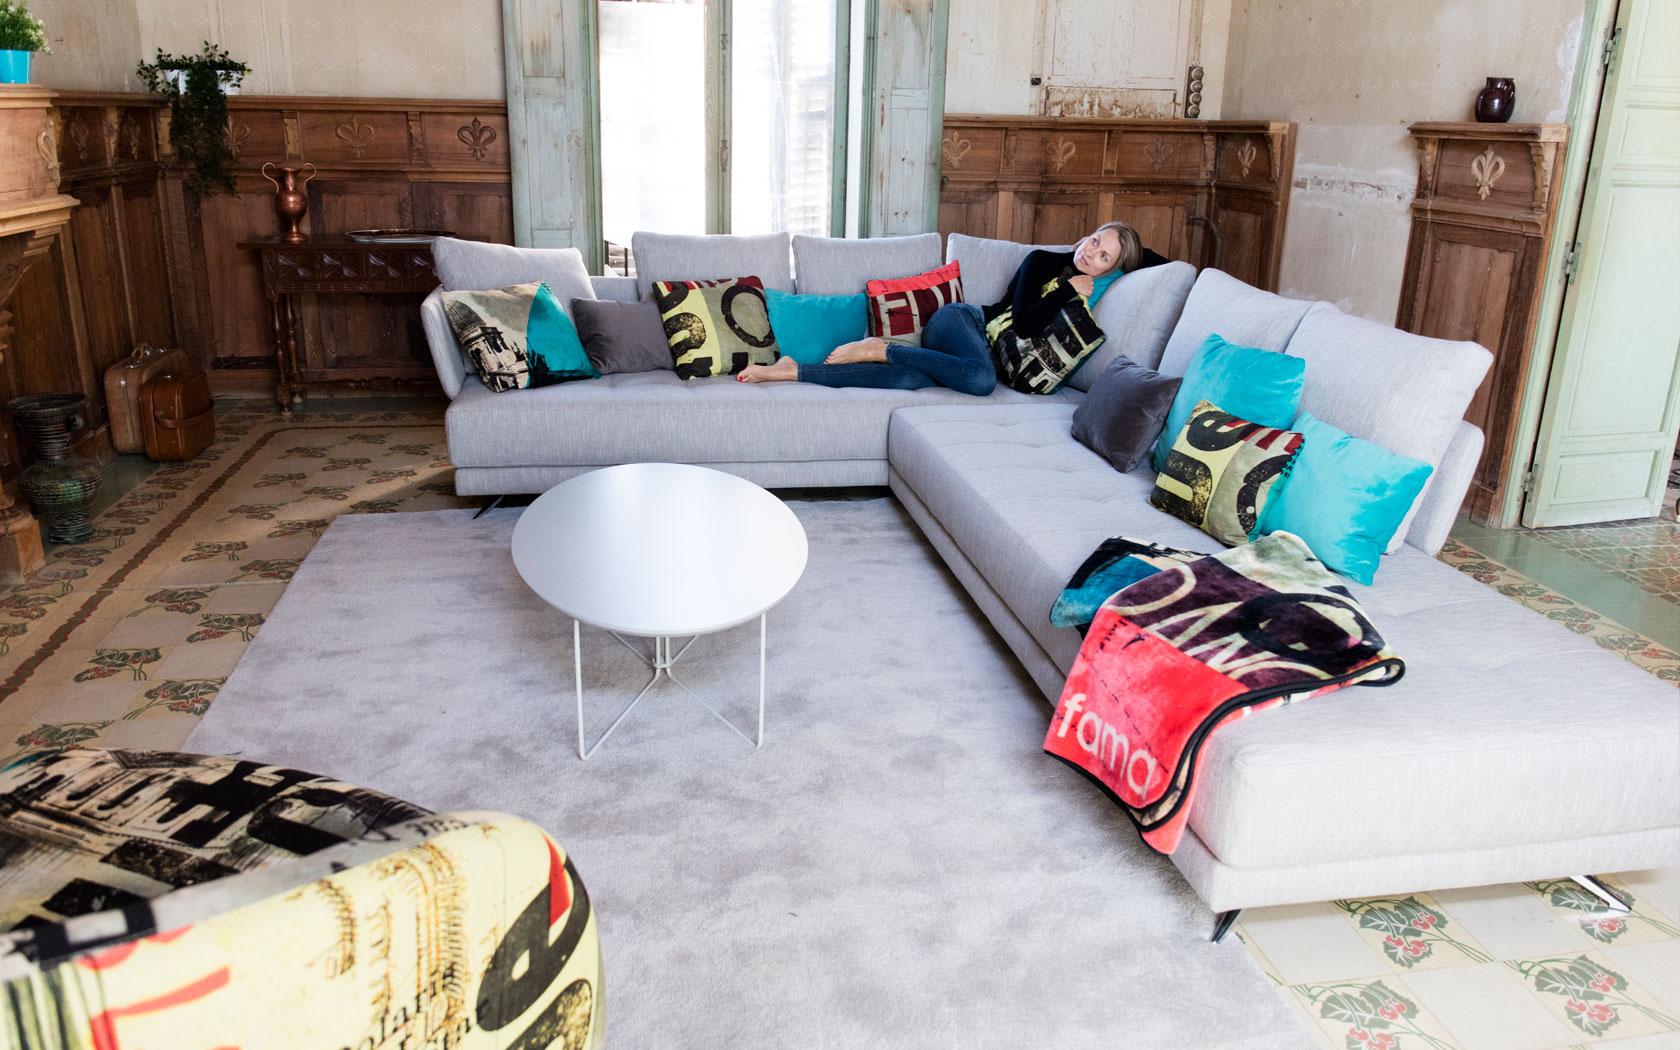 Pacific sofa Fama La Ligne 2019 05